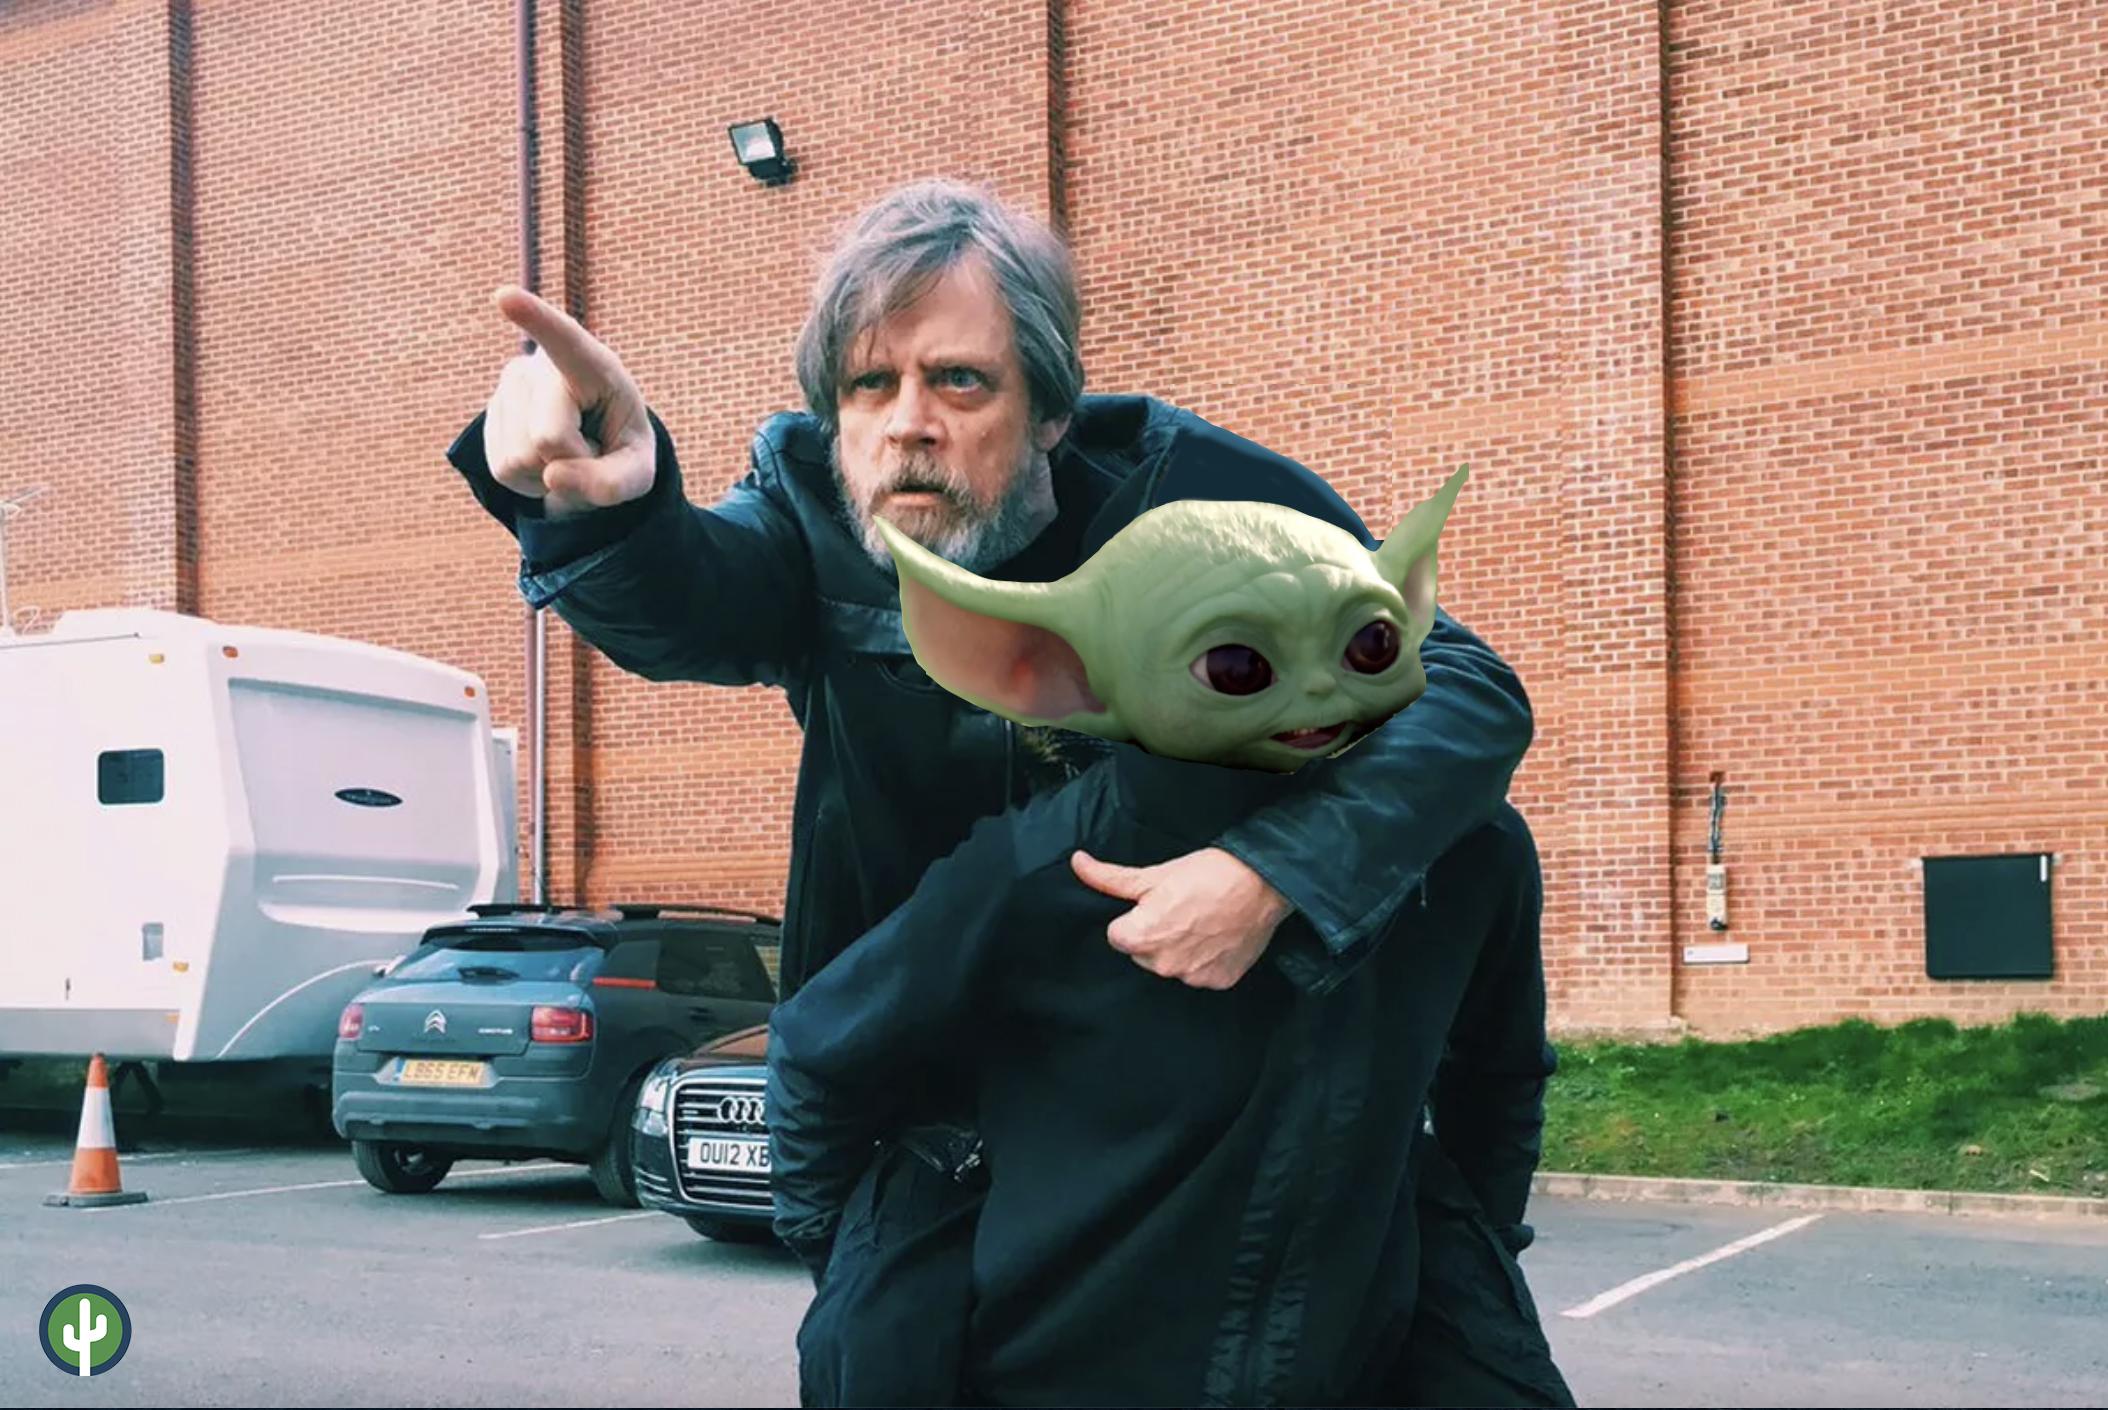 Luke Skywalker Rey Baby Yoda Grogu